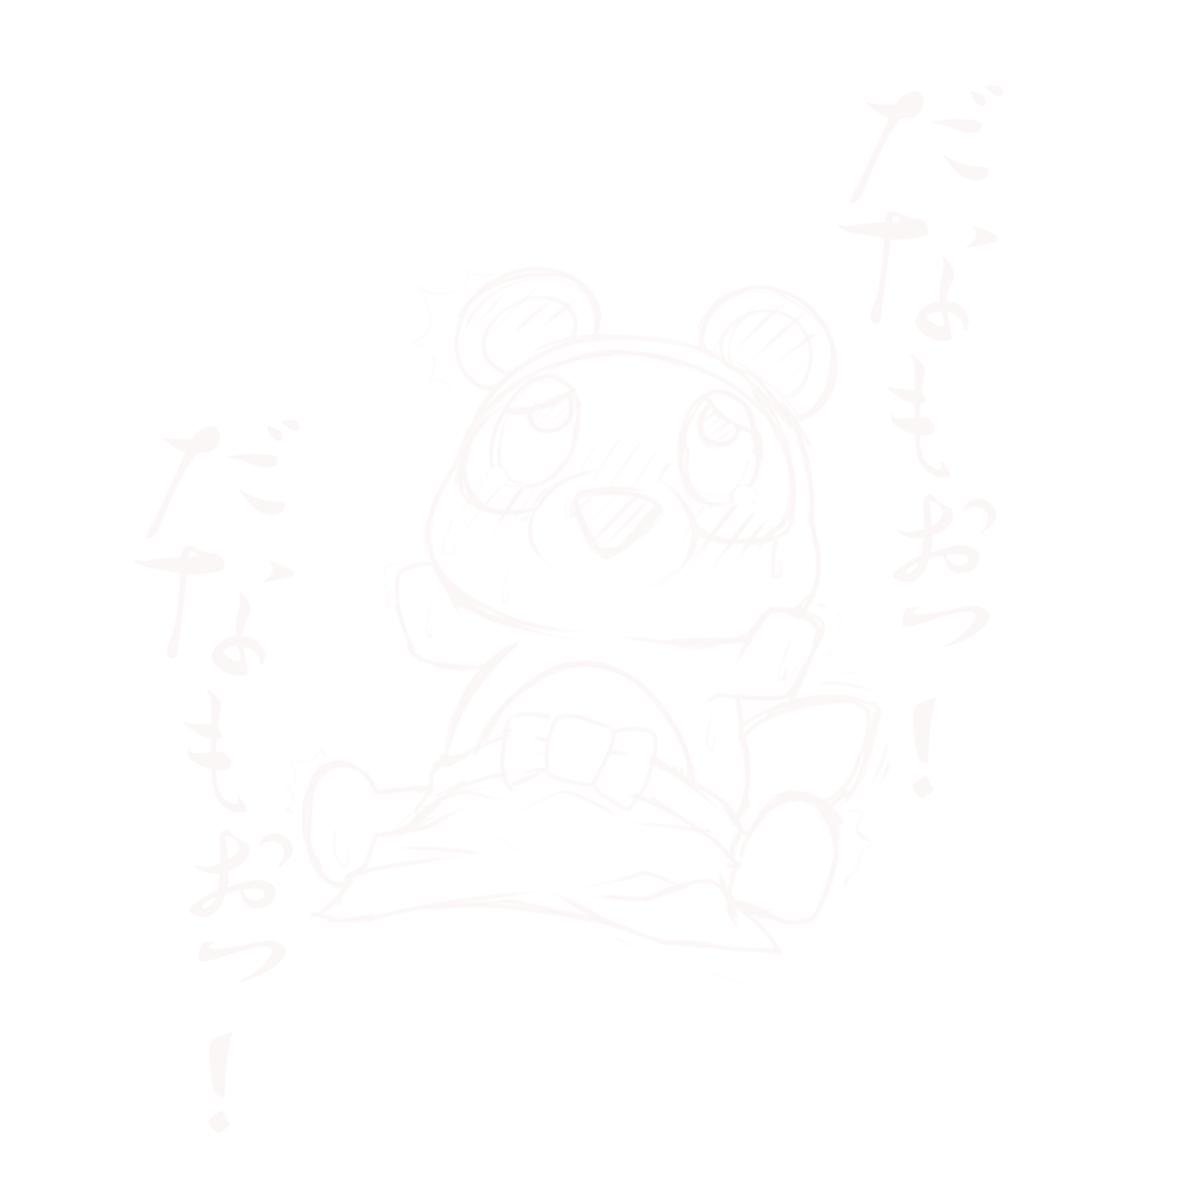 f:id:mochimochisakusaku:20200316221228p:plain